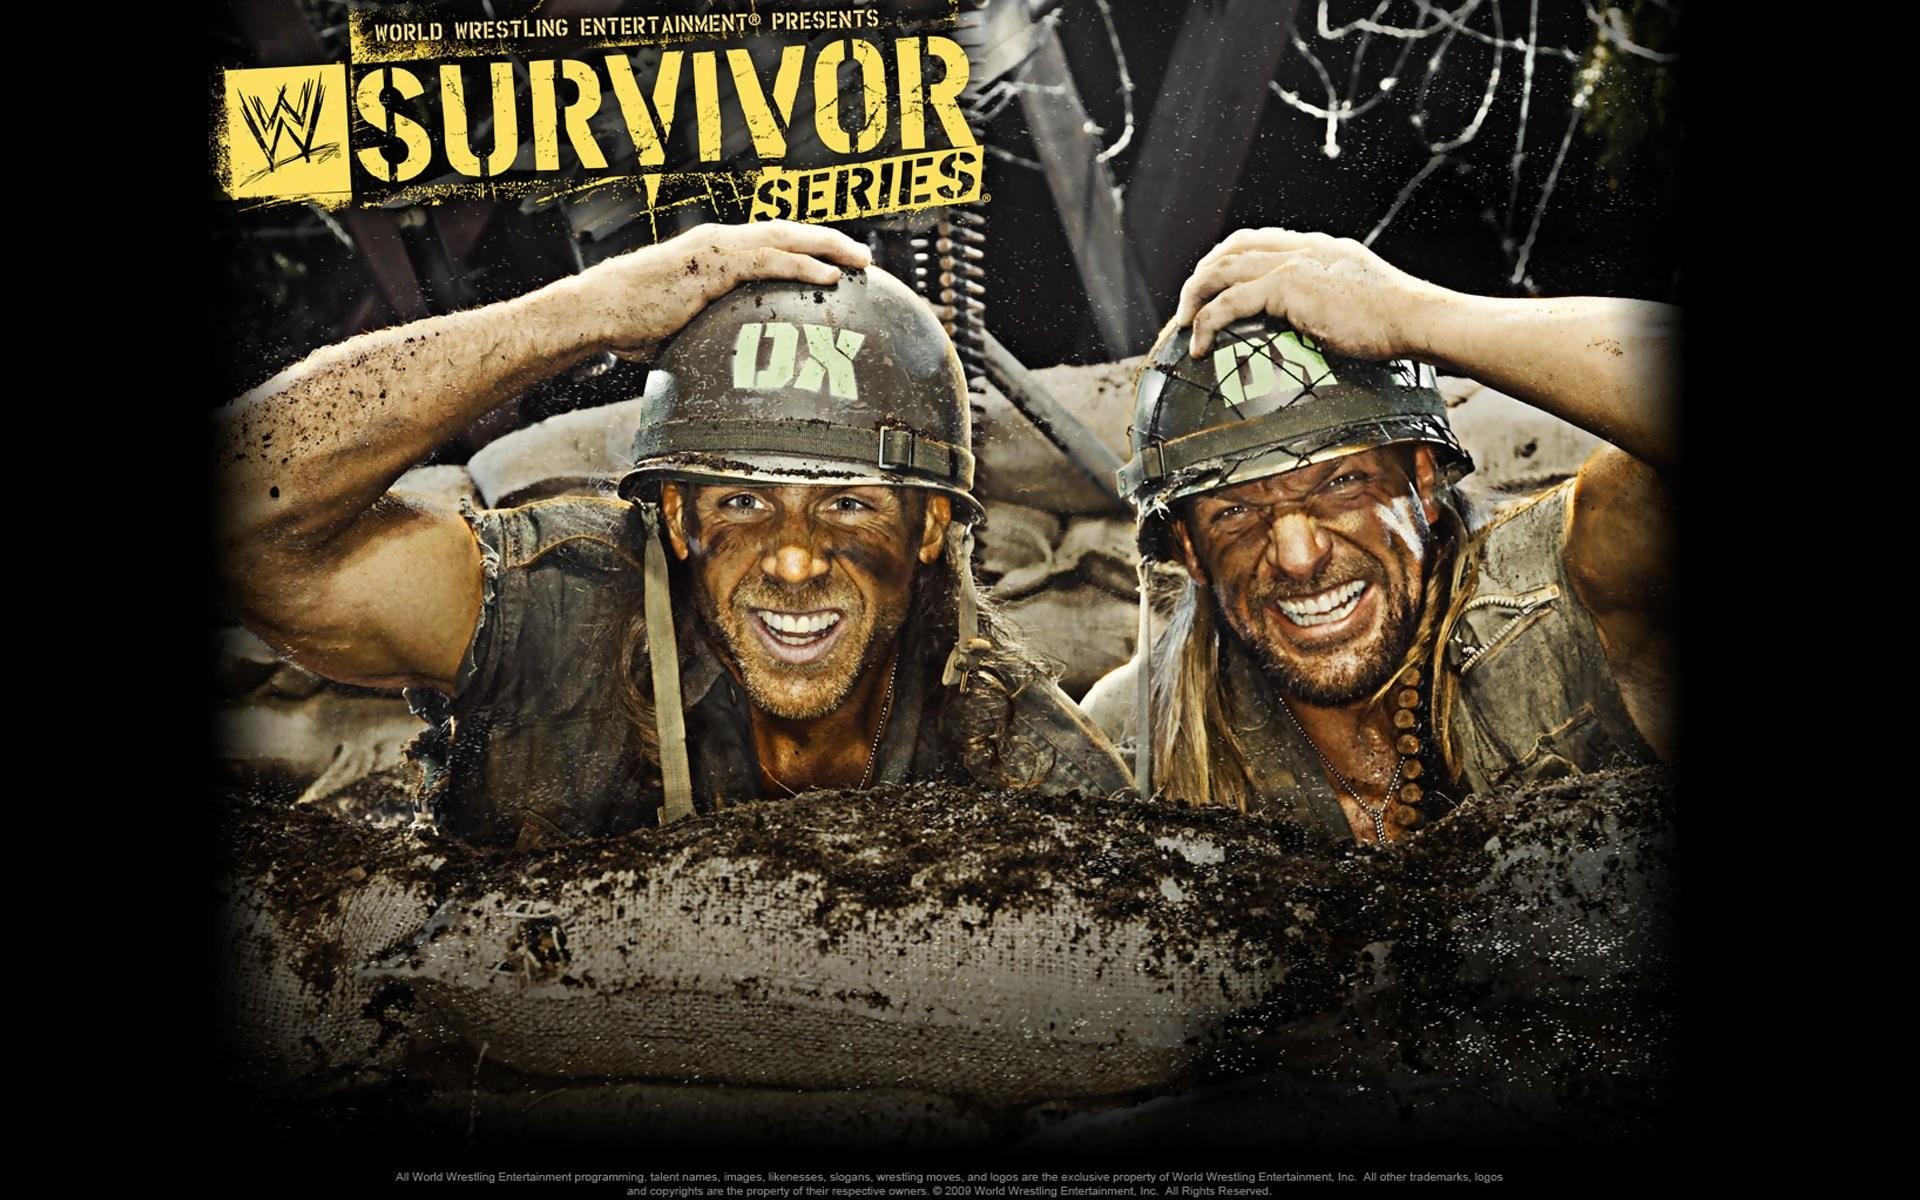 Triple H Vs Shawn Michaels Wallpaper